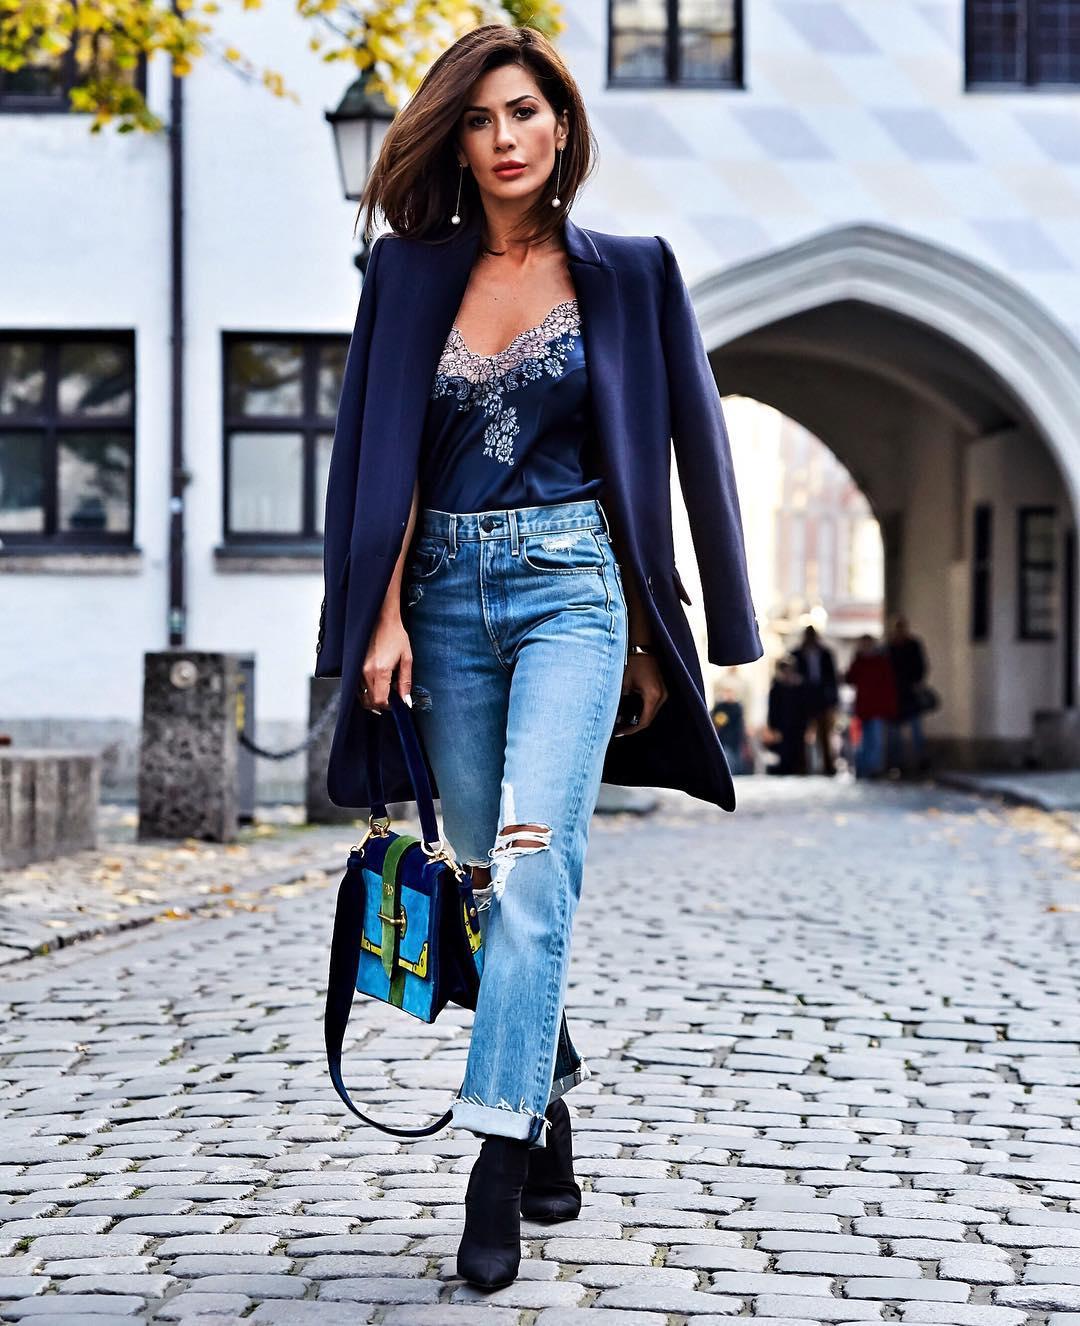 модные образы фото весна-лето 2019 для женщин после 40_2